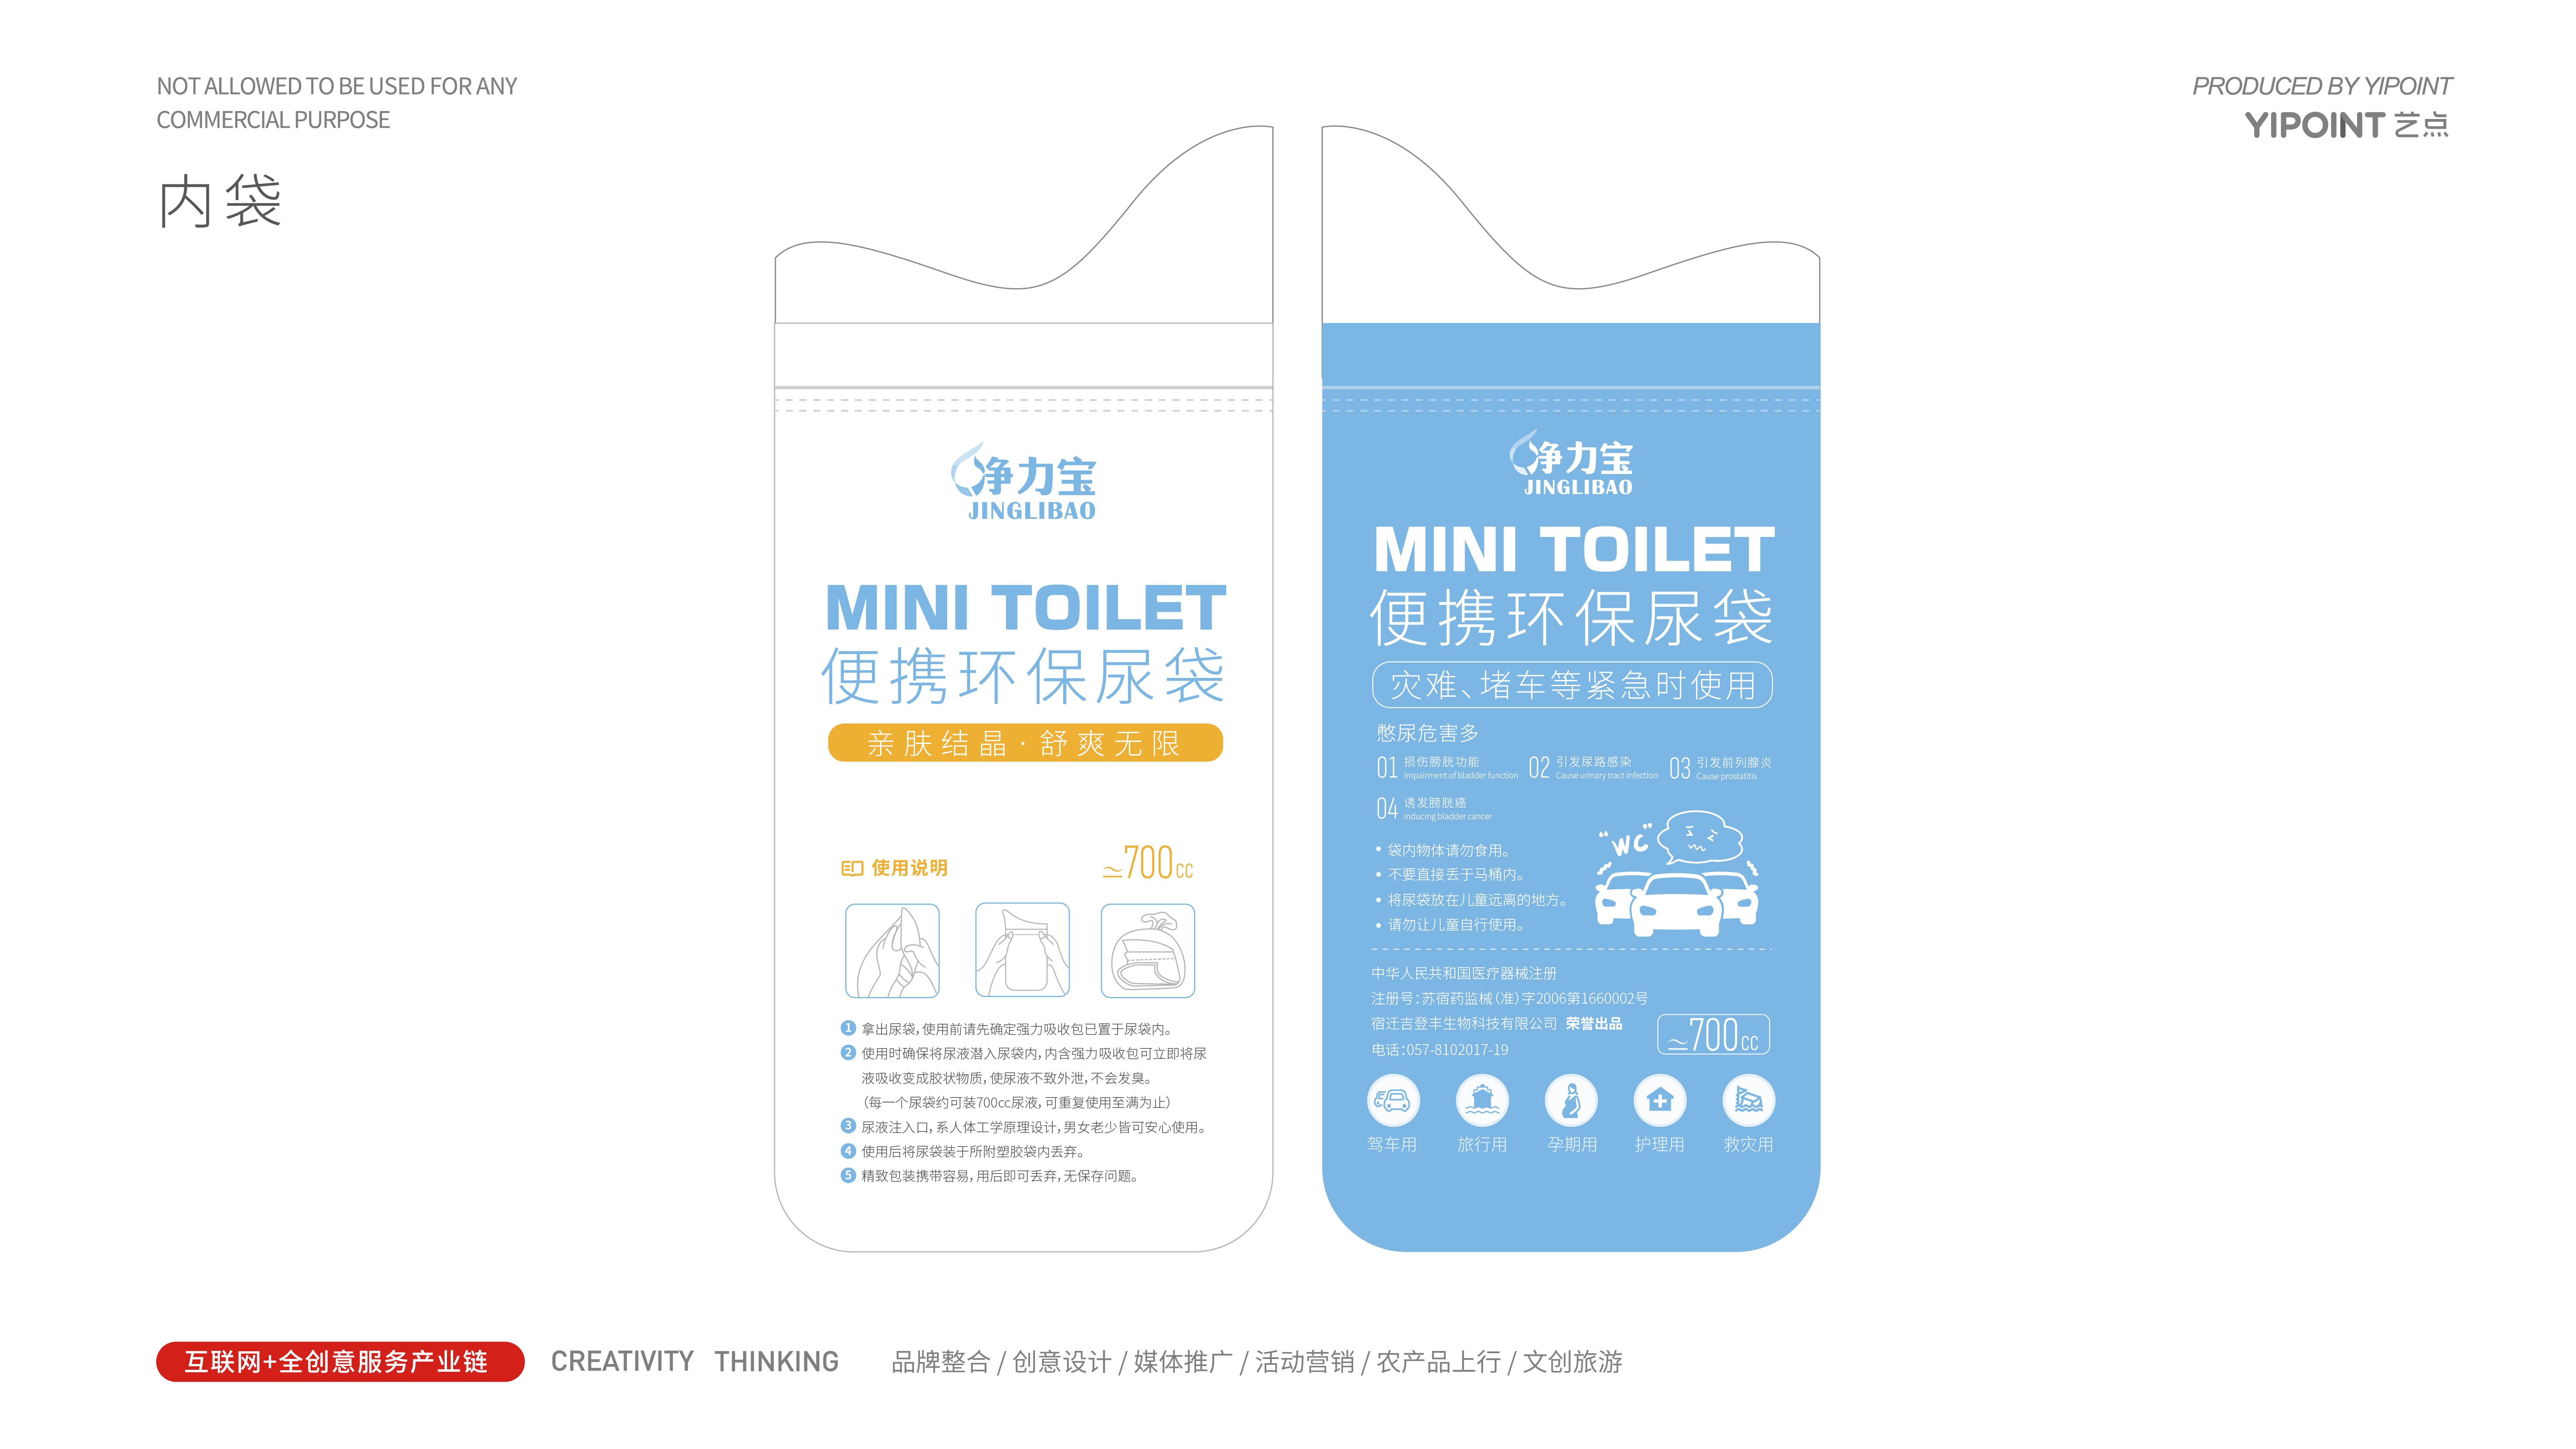 凈力寶尿袋設計,便攜環保尿袋設計